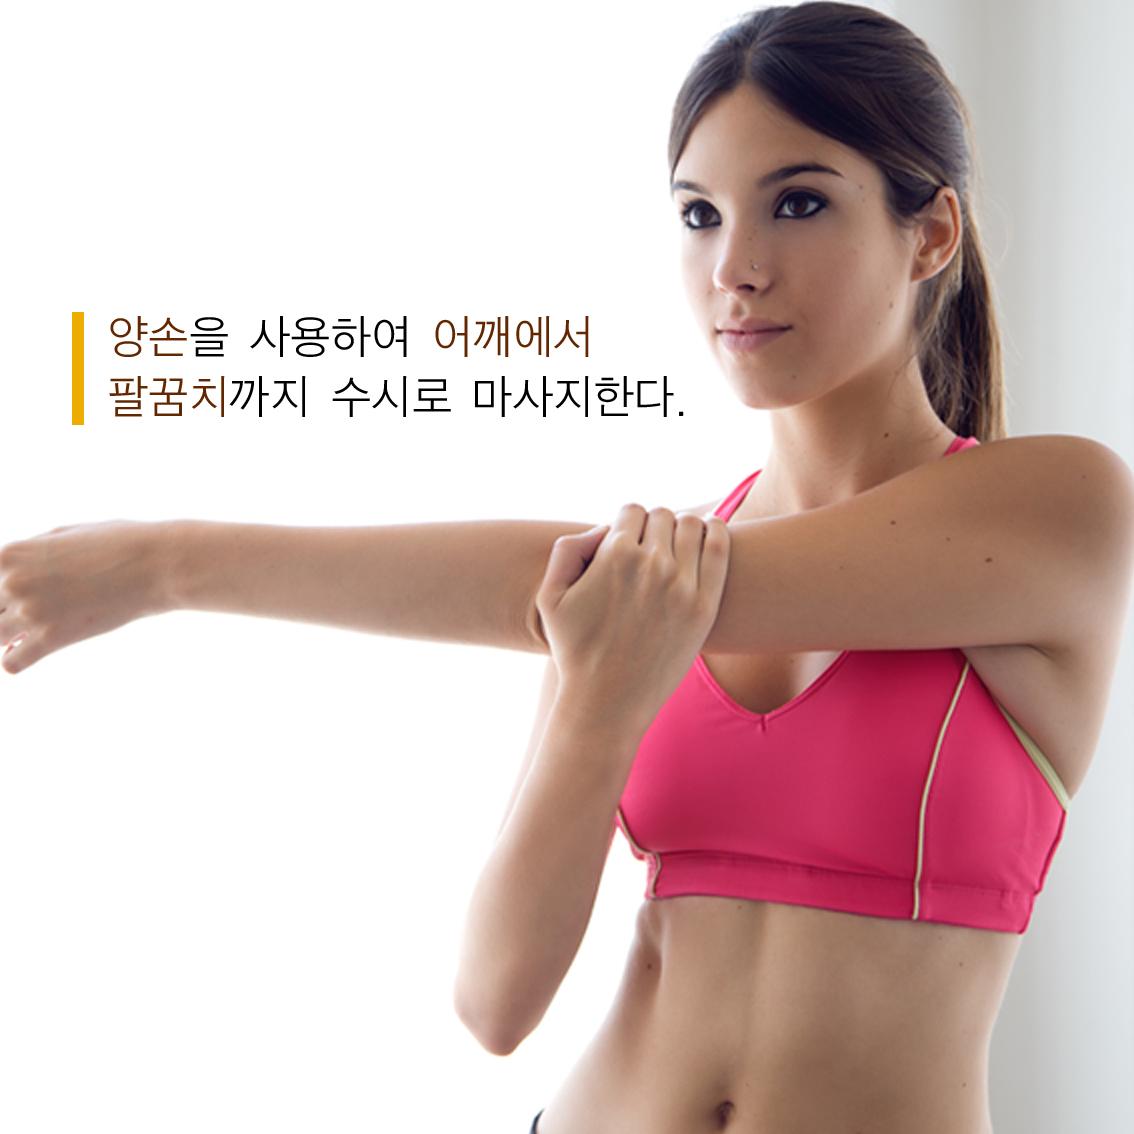 어깨 결림과 통증을 완화하는 방법 [사진 freepik, 제작 김예리]